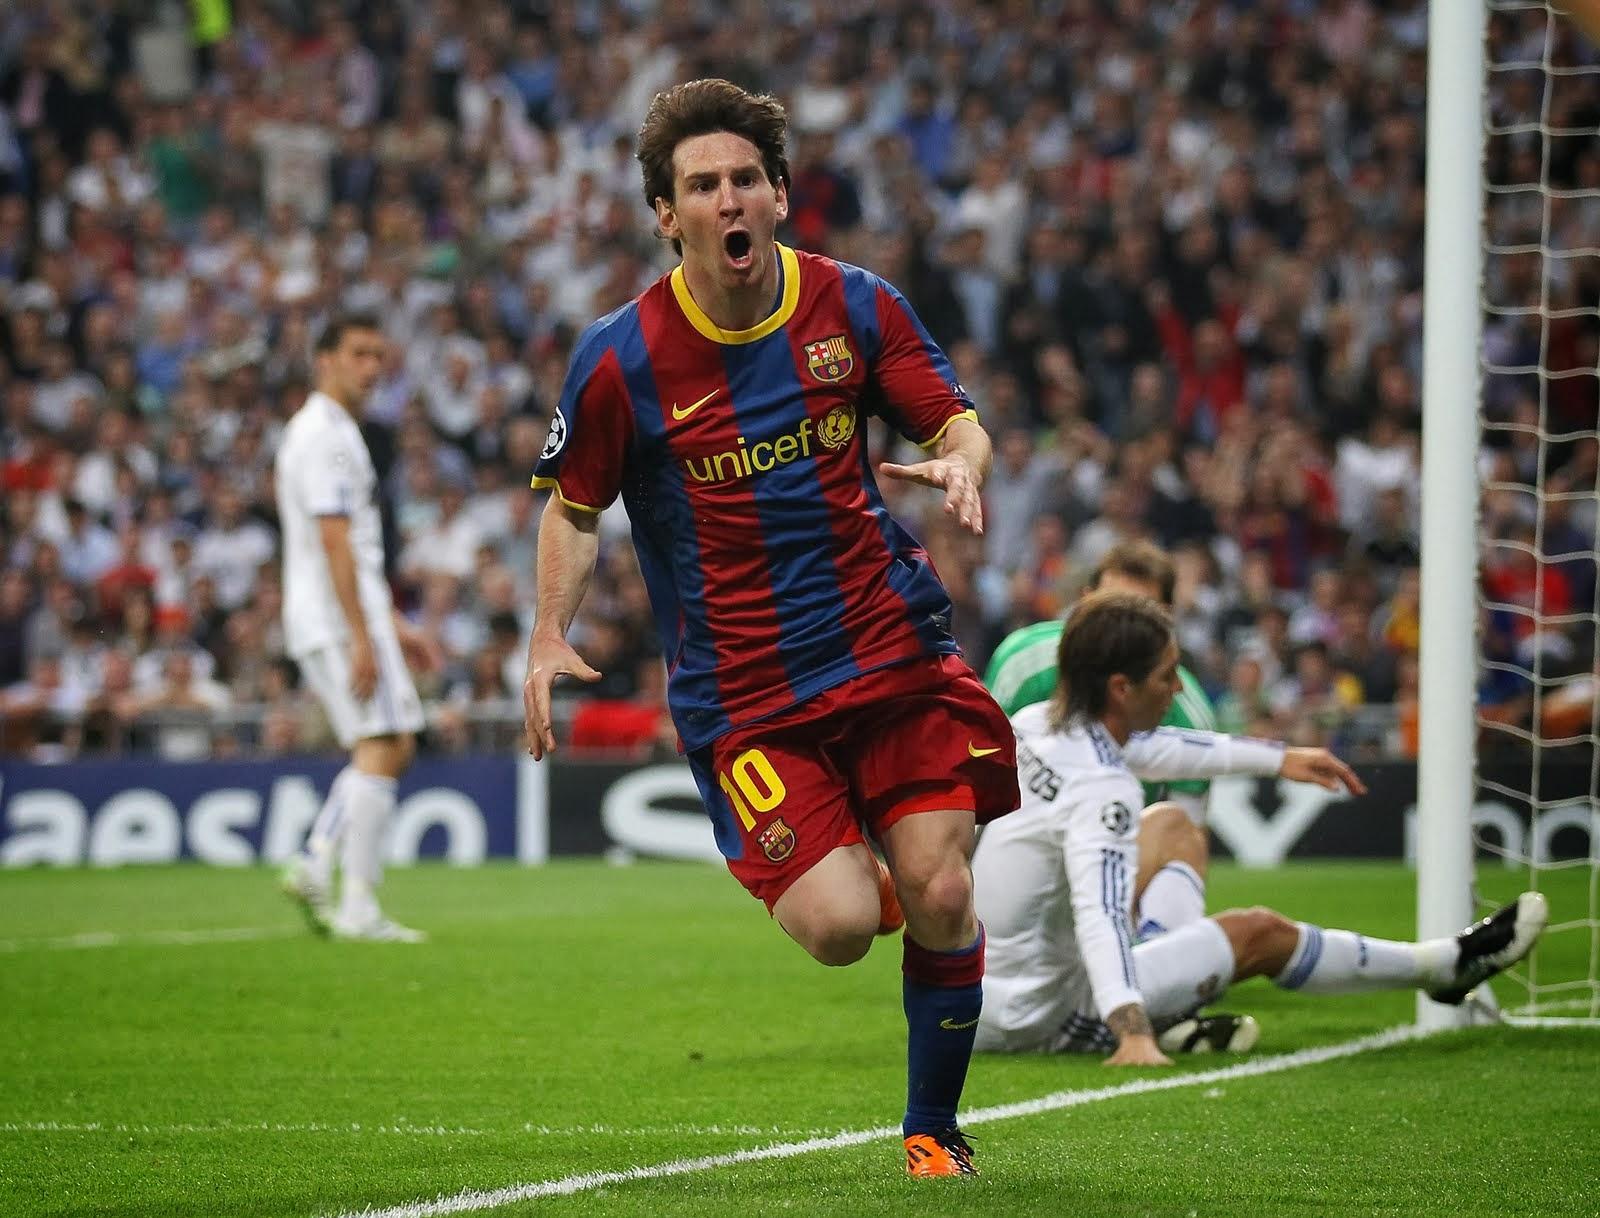 Ver partido Barcelona online gratis en directo hoy. Dónde puedo ver Fútbol en vivo en Internet en streaming ahora.